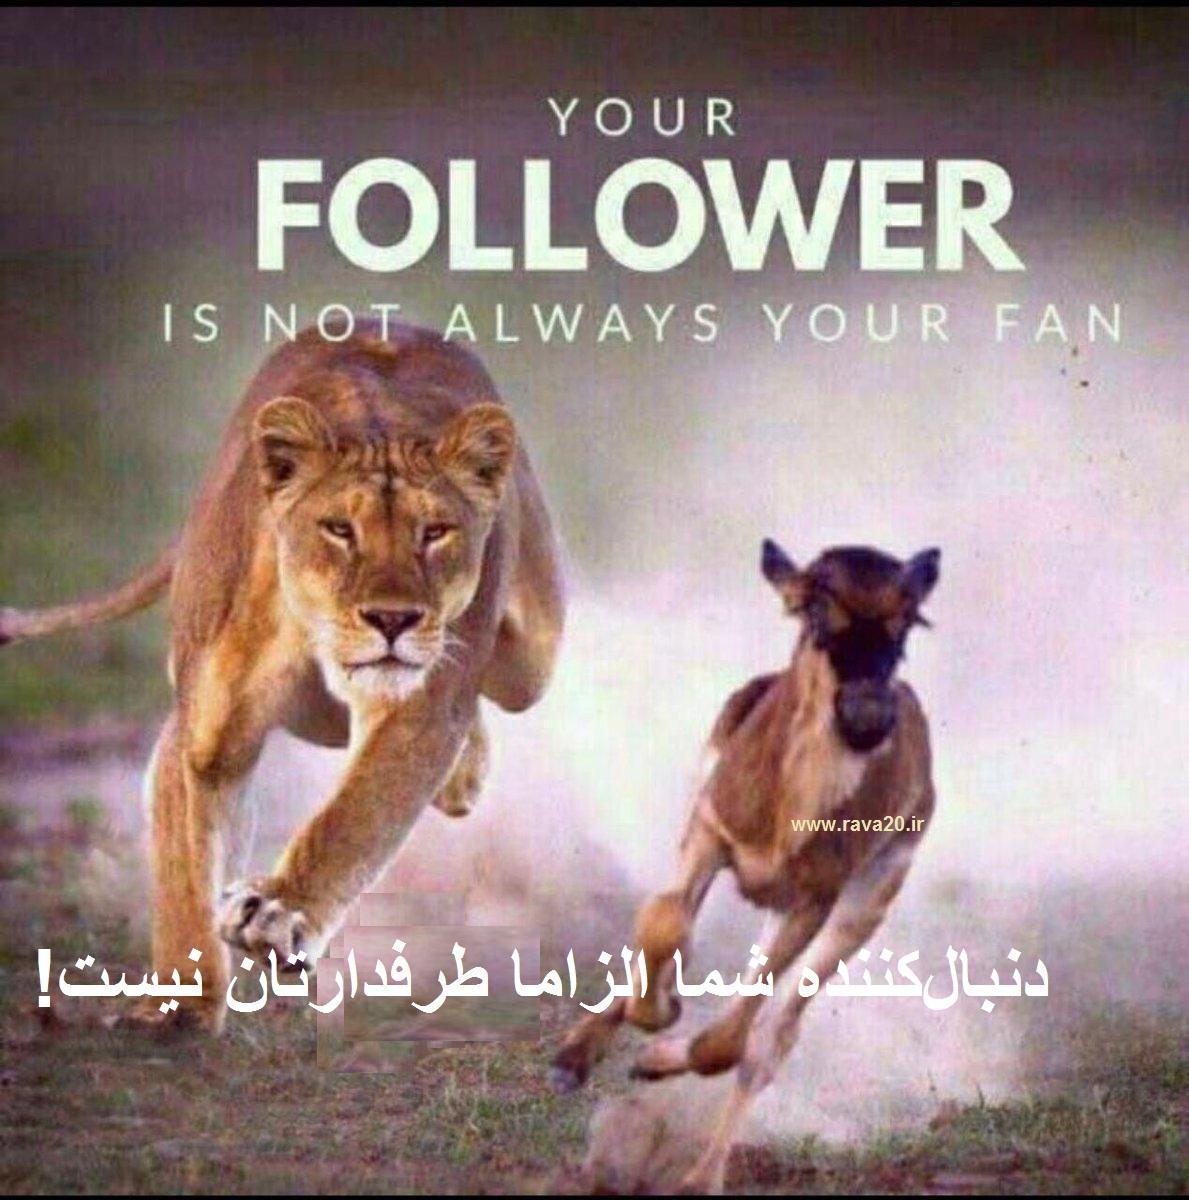 دنبالکننده شما الزاما طرفدارتان نیست!